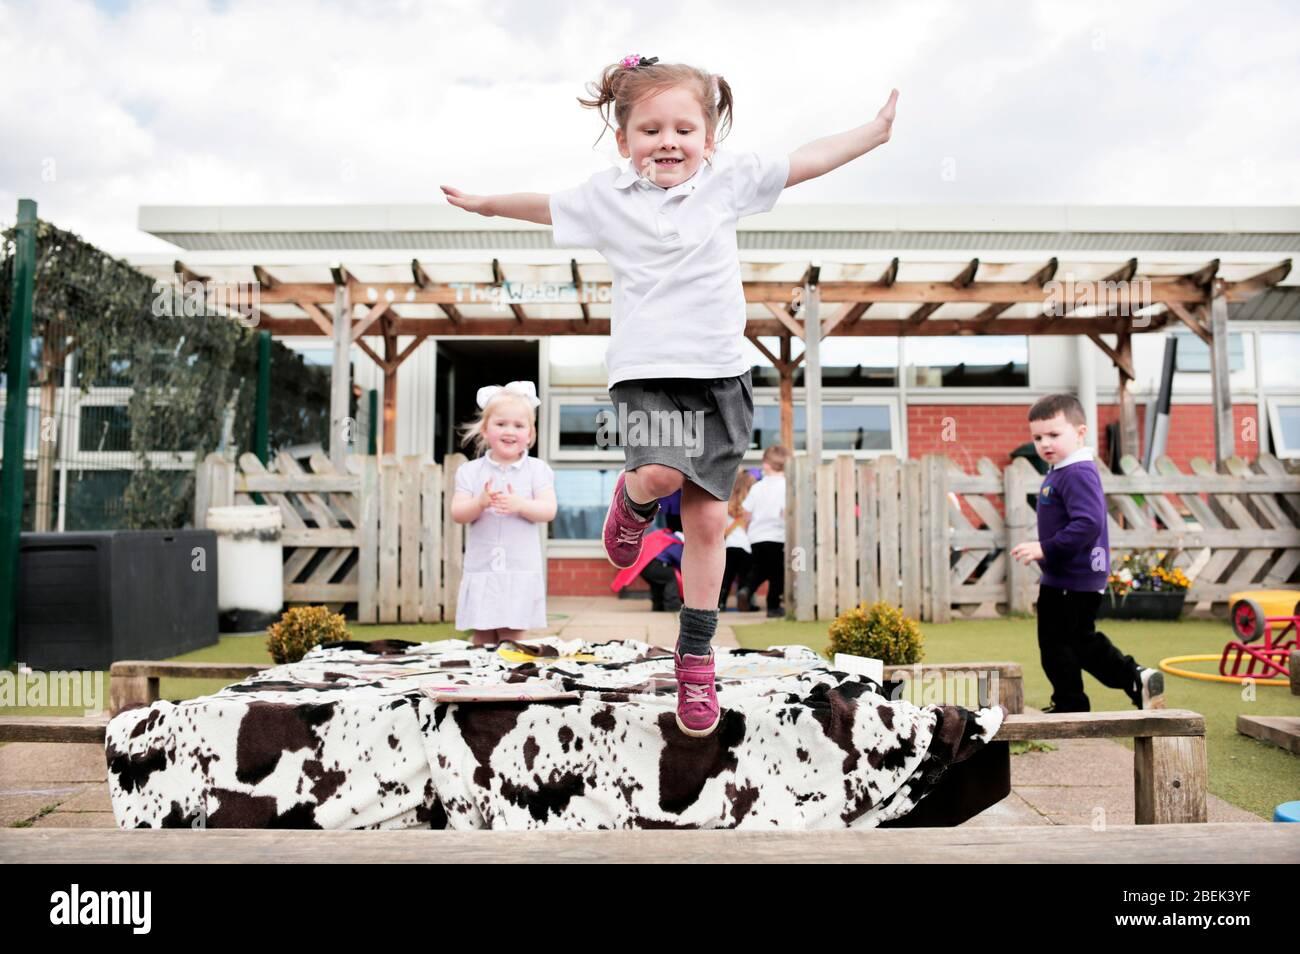 Niños en el área de juegos al aire libre en una escuela de párvulos en Darlington, County Durham, Reino Unido. 18/4/2018. Fotografía: Stuart Boulton. Foto de stock